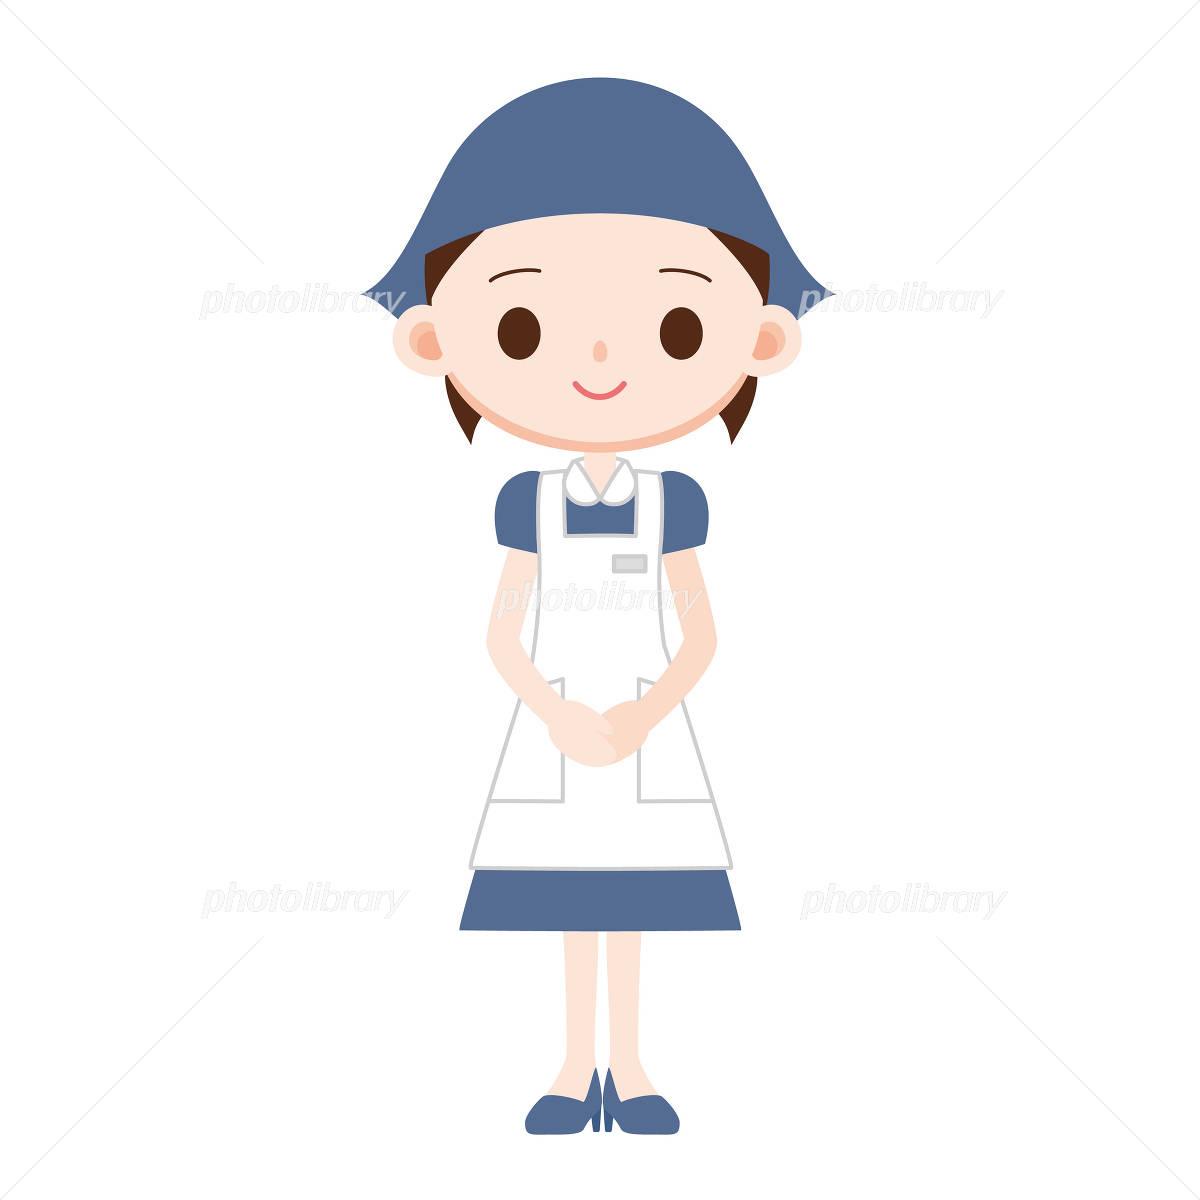 洋菓子の販売員 青い制服 イラスト素材 1723208 フォトライブ